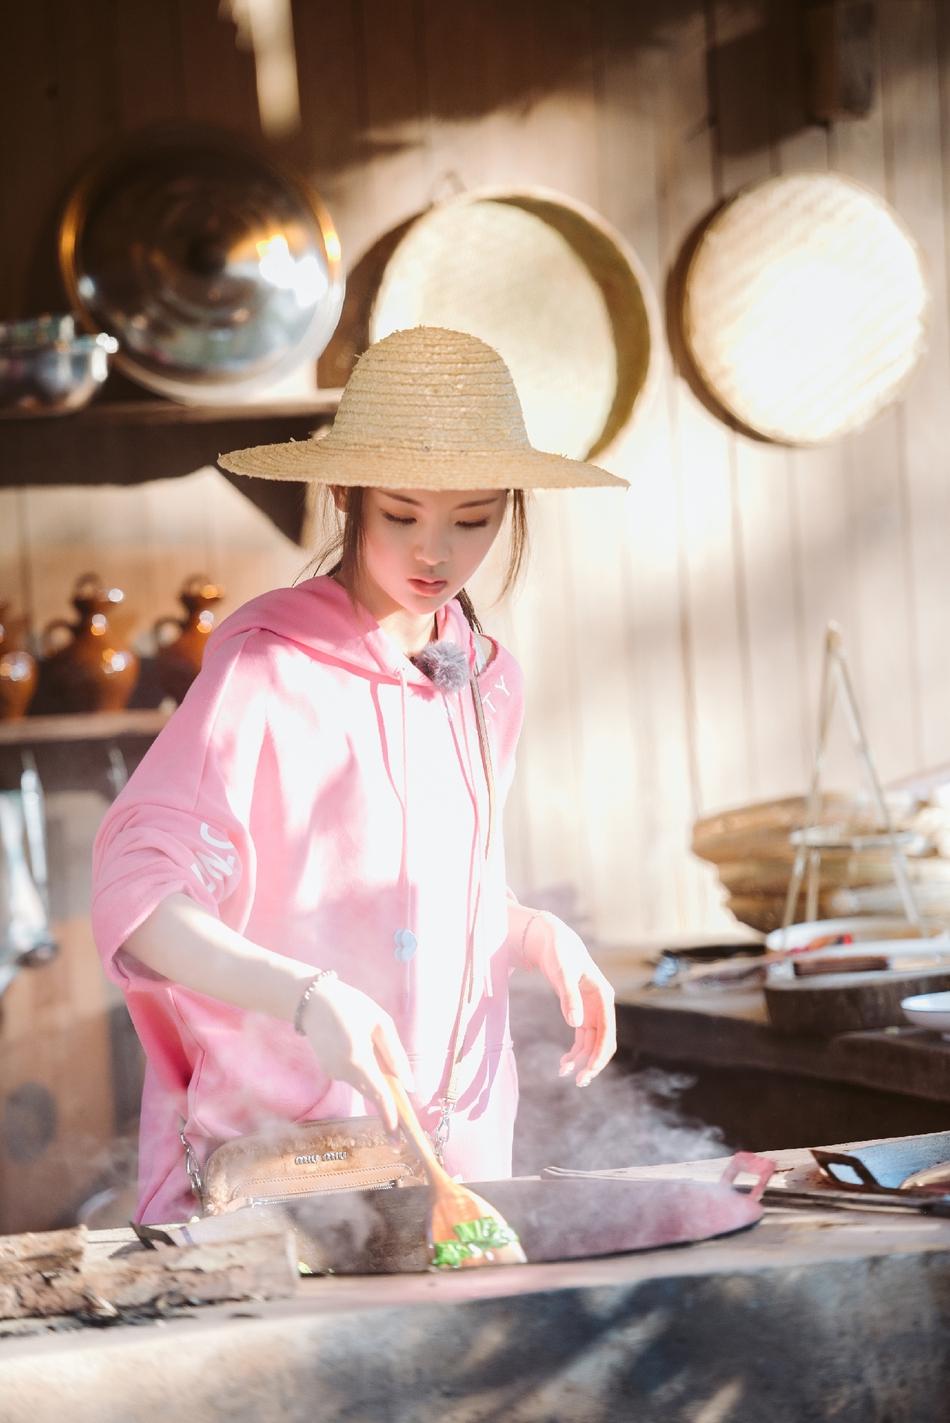 杨超越重回农村如鱼得水 土灶台掌勺当主厨